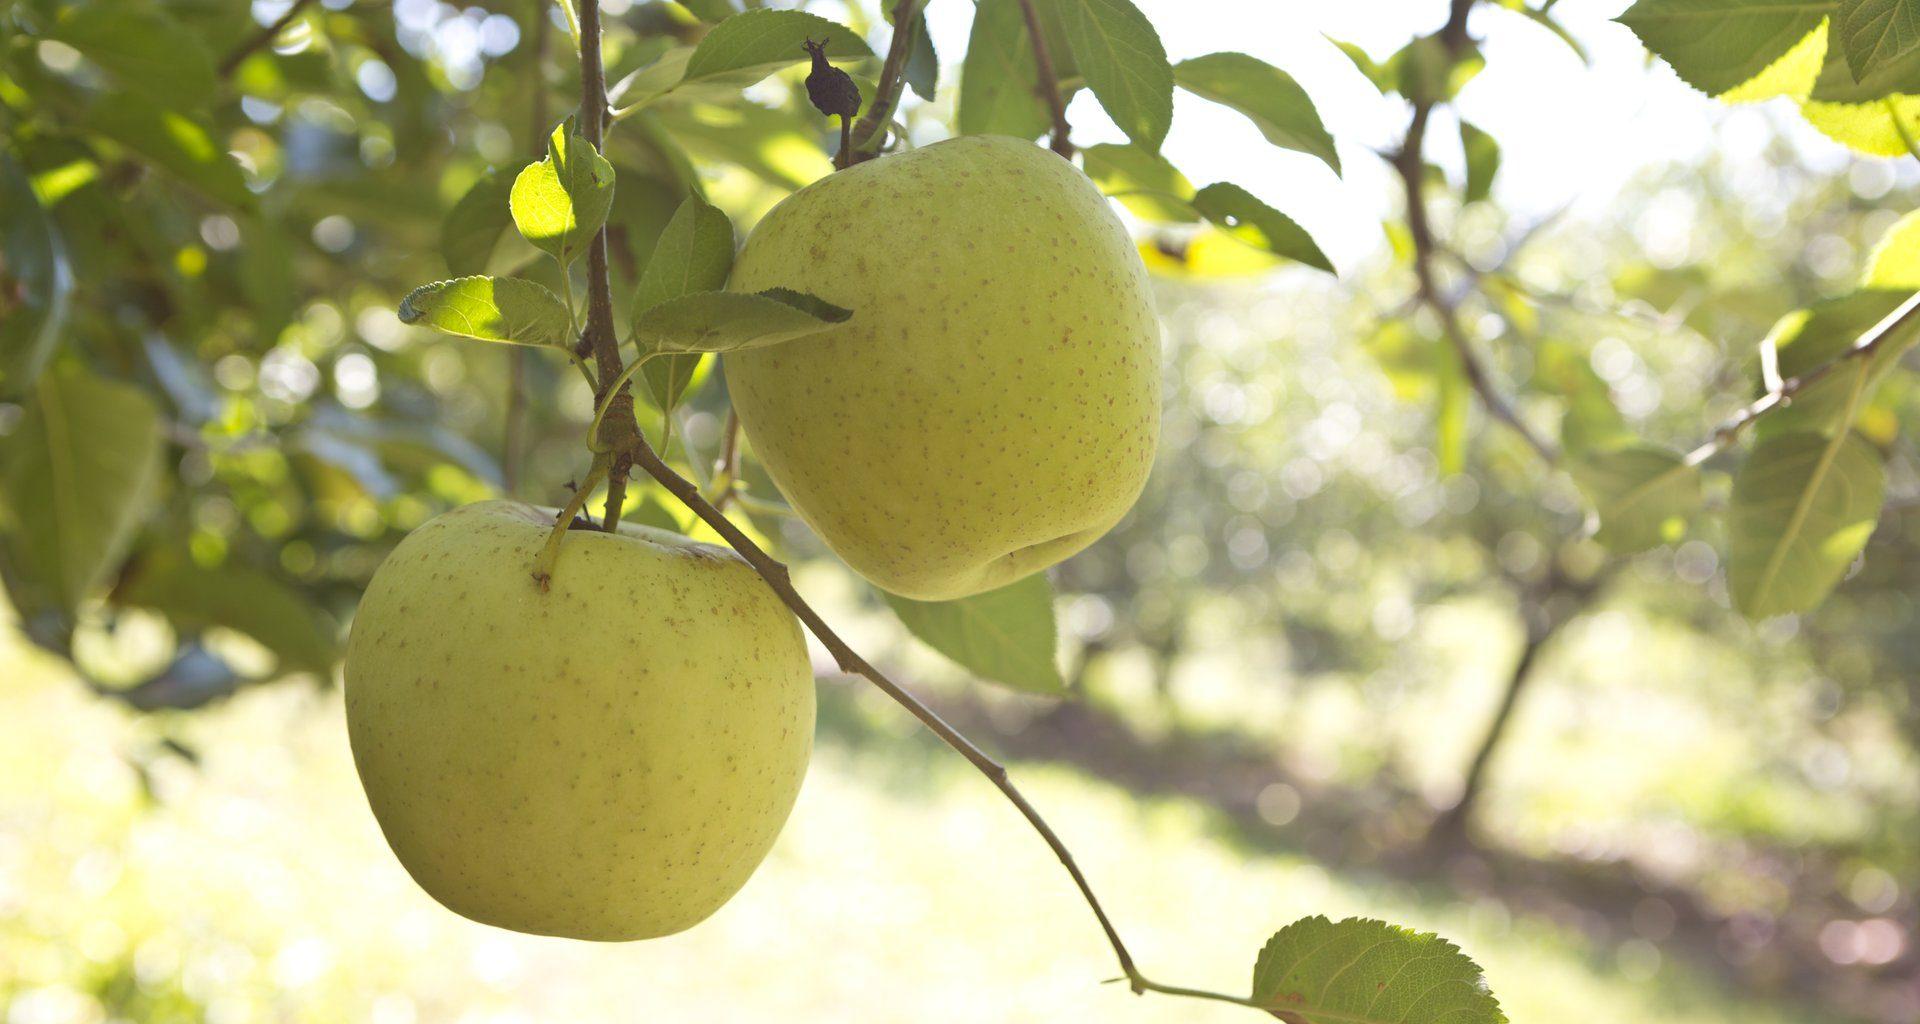 Apple Orchard in Ellijay, Georgia